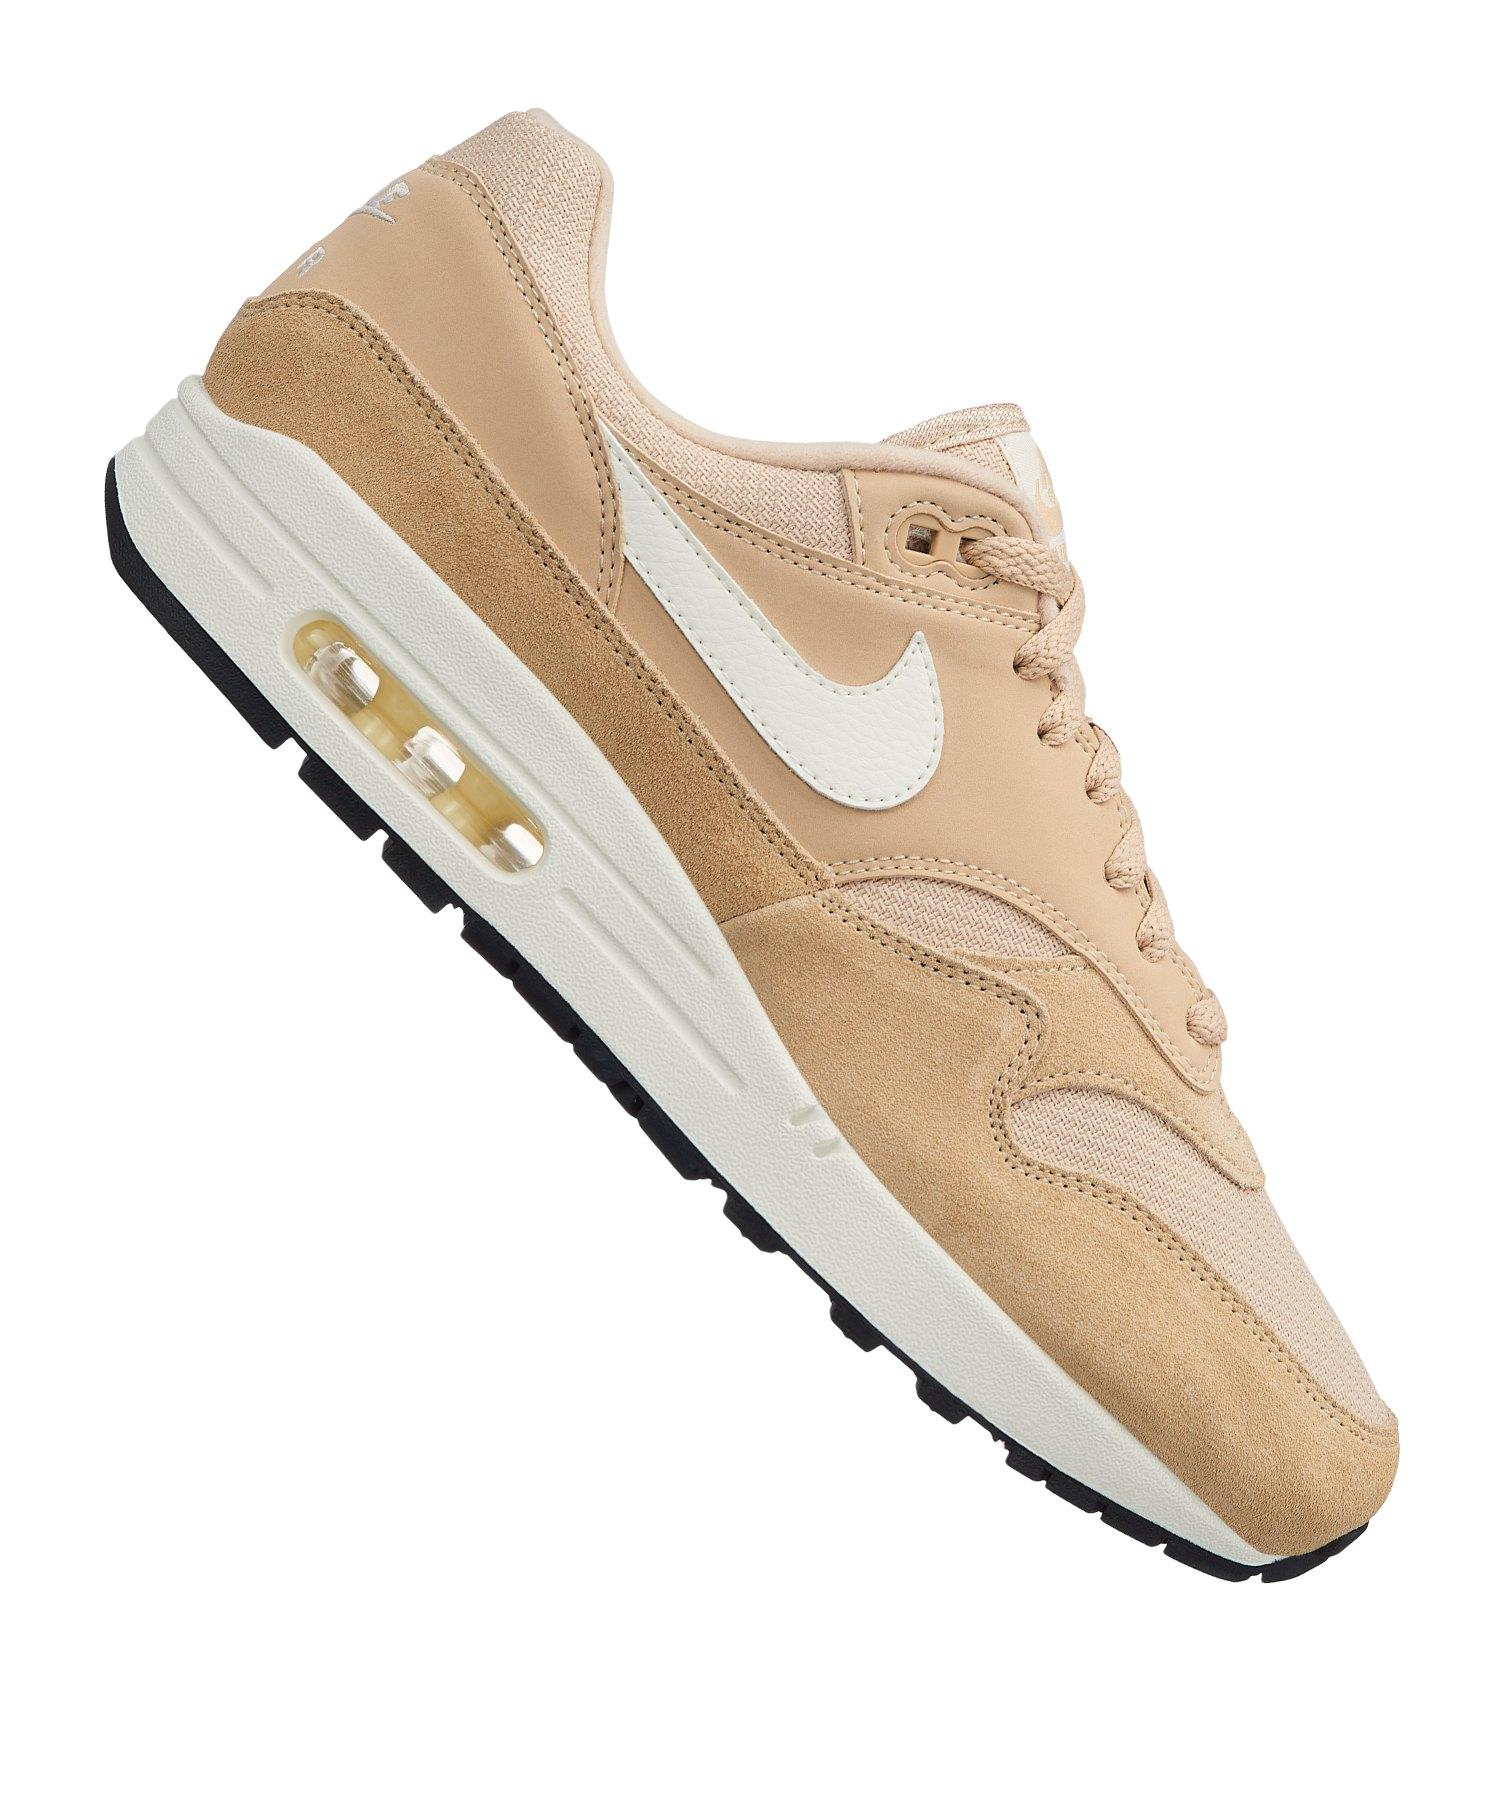 a16de1ff025d91 Nike Air Max 1 Sneaker Beige F202 - beige